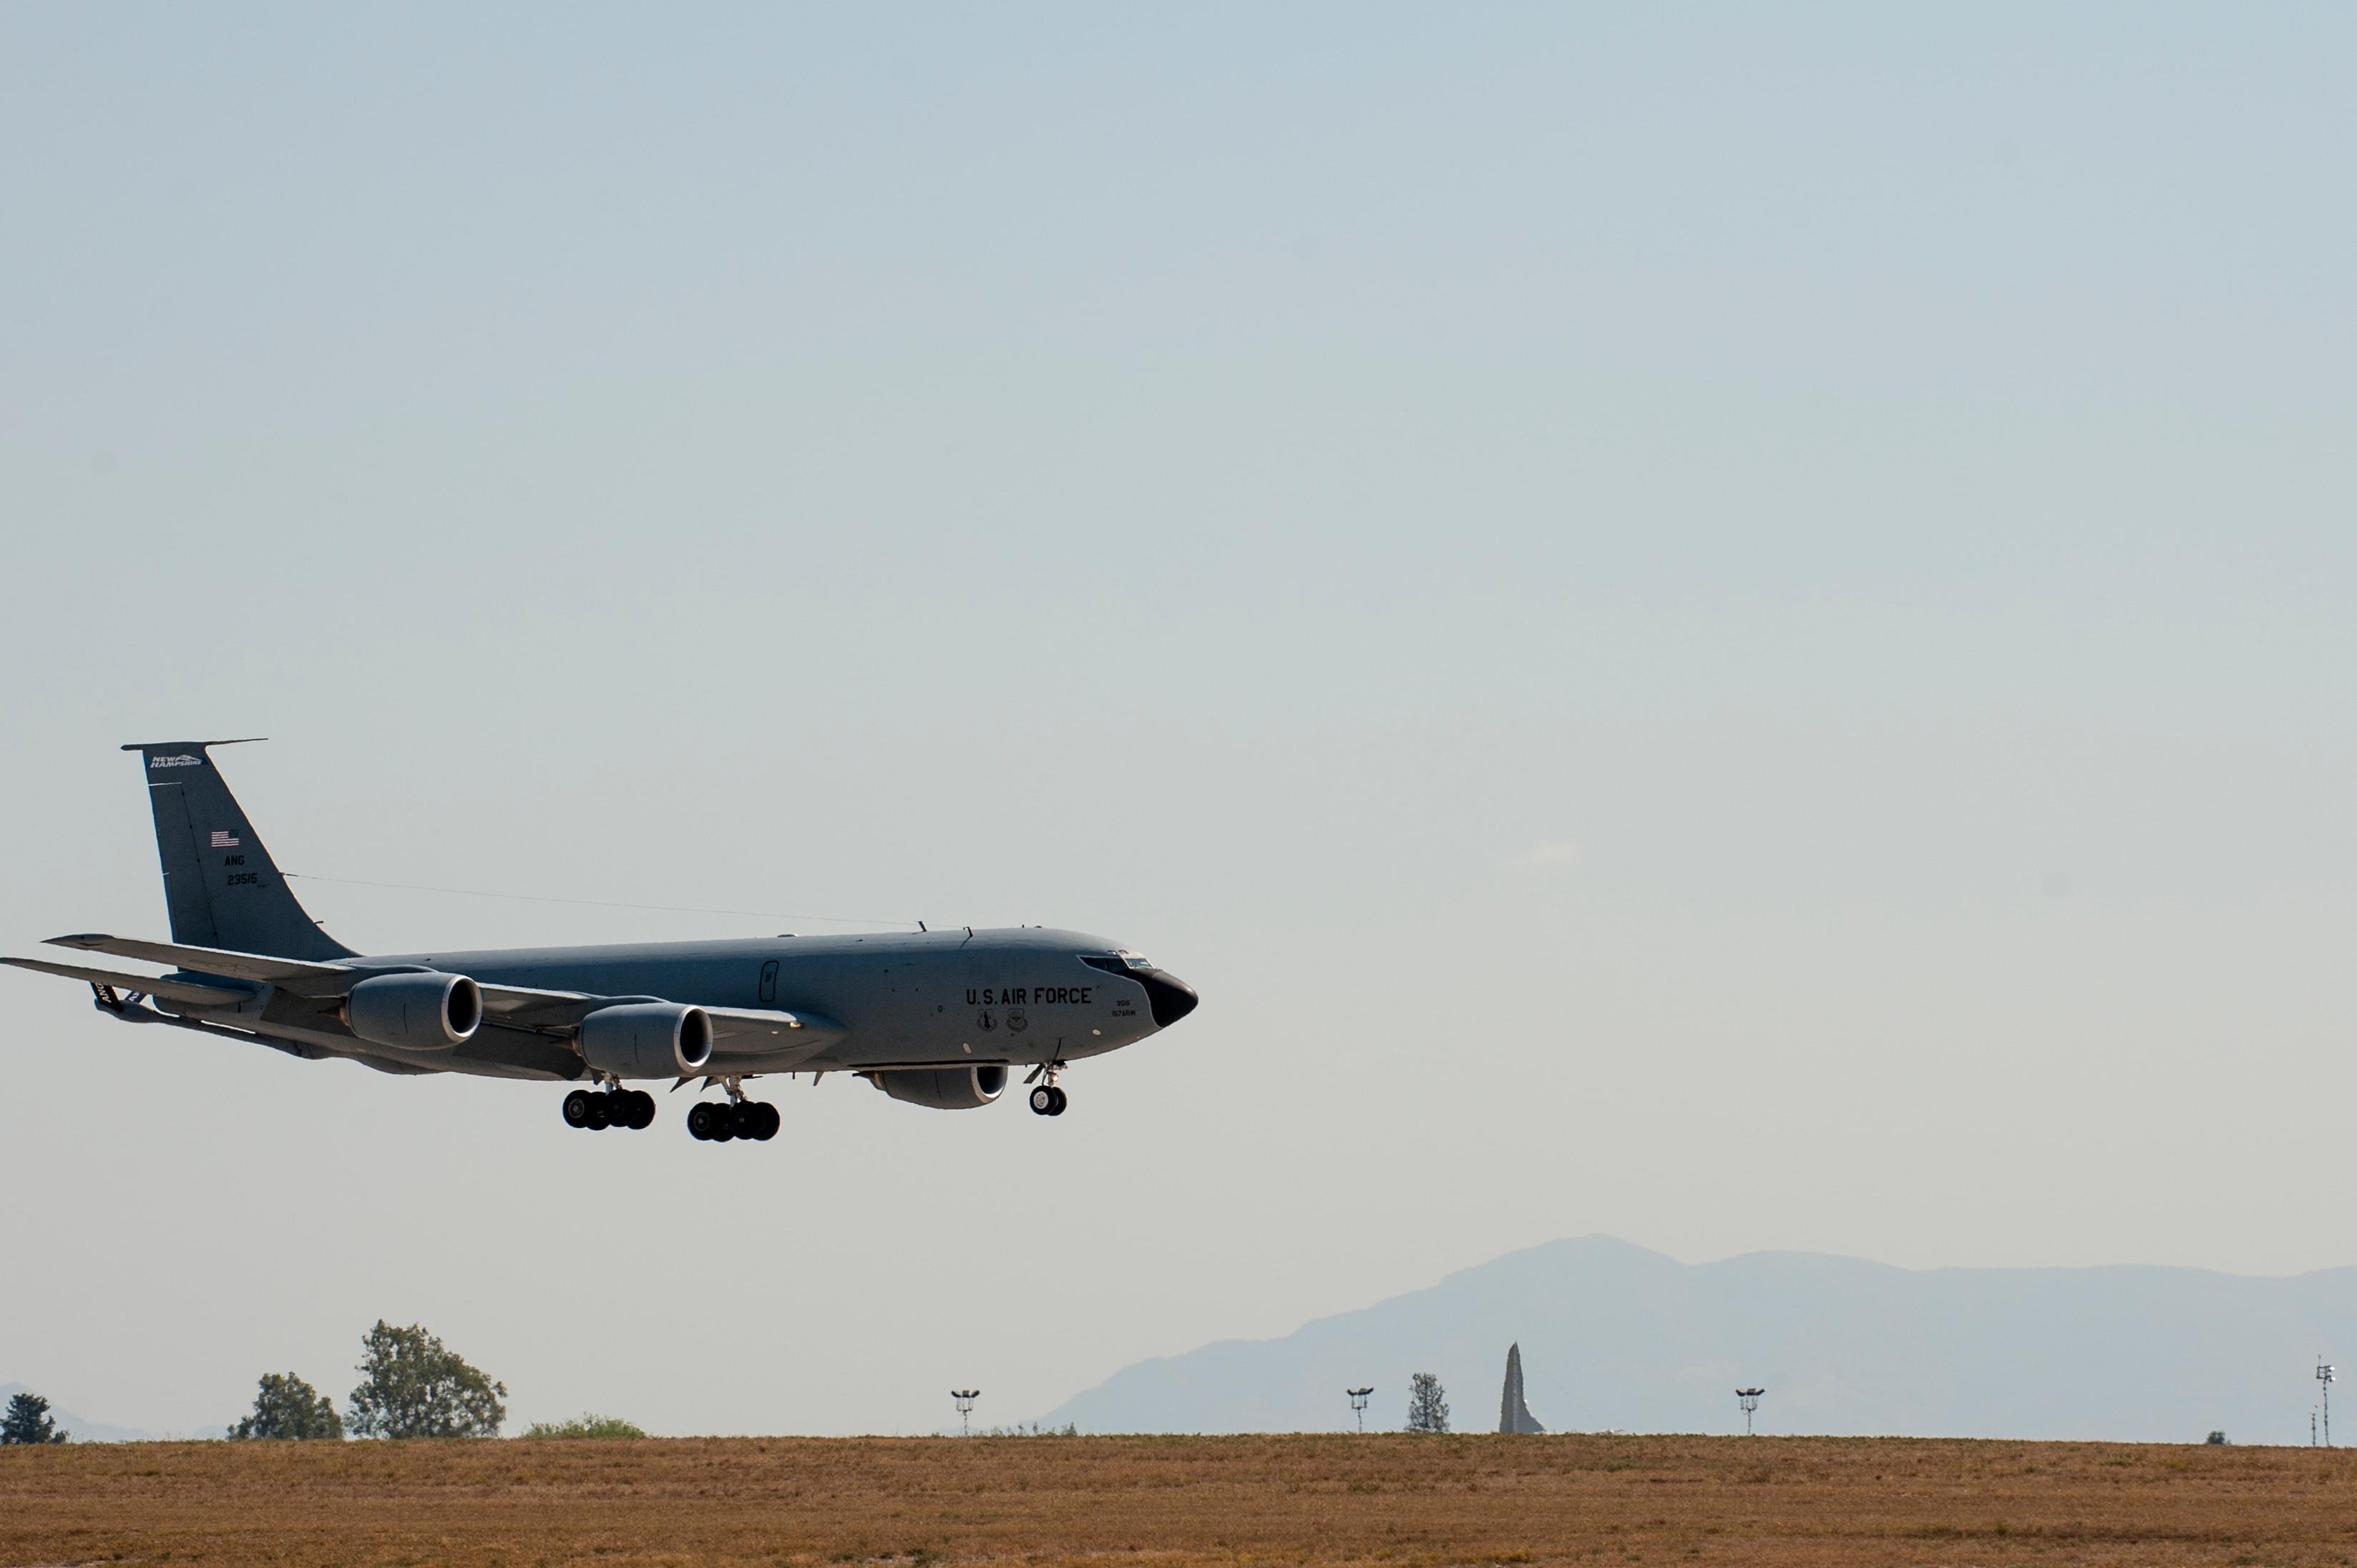 kc-135 incirlik